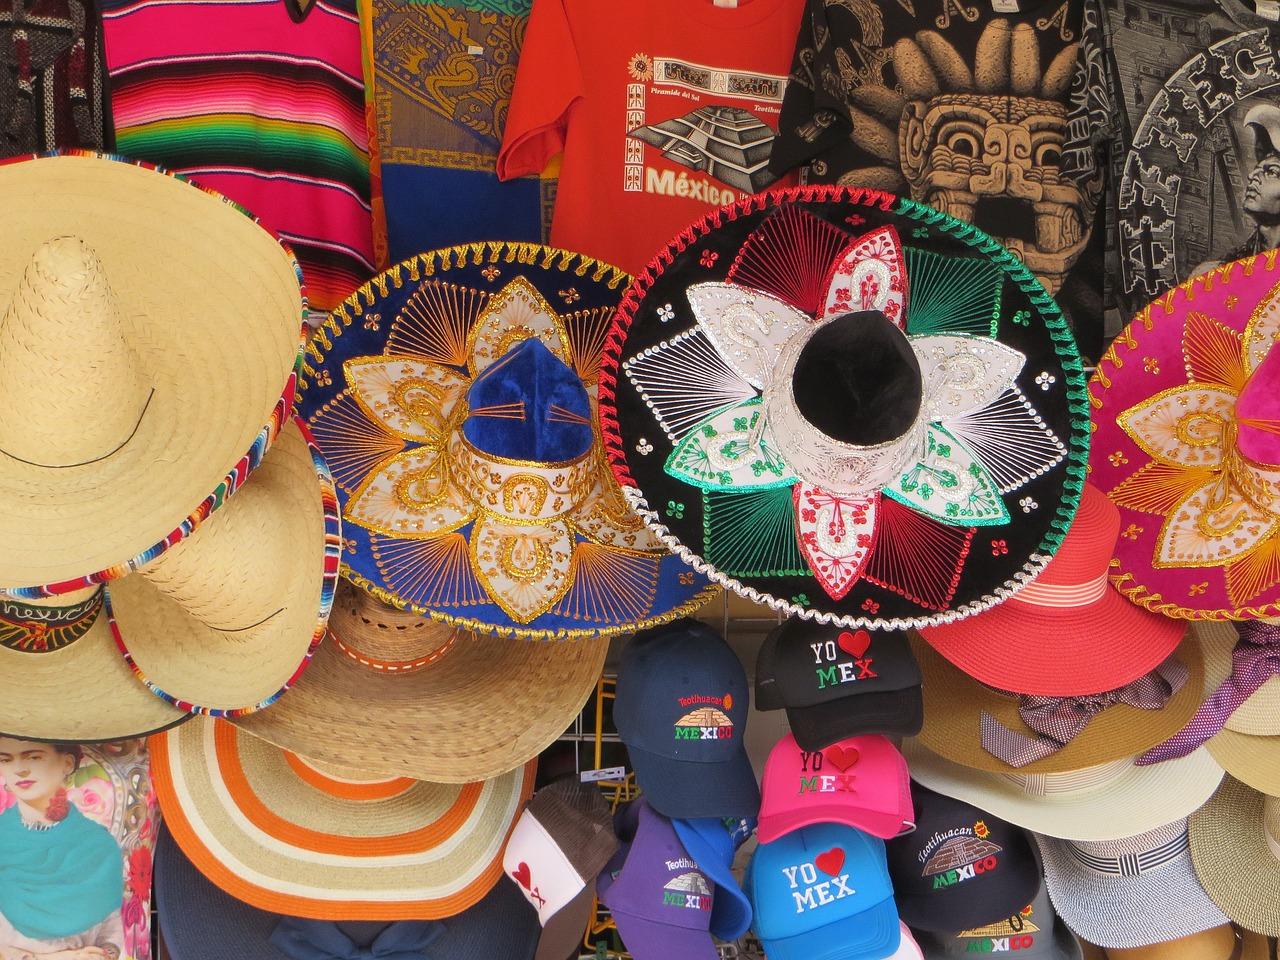 メキシコ伝統のお酒テキーラ 美味しい飲み方や原料など